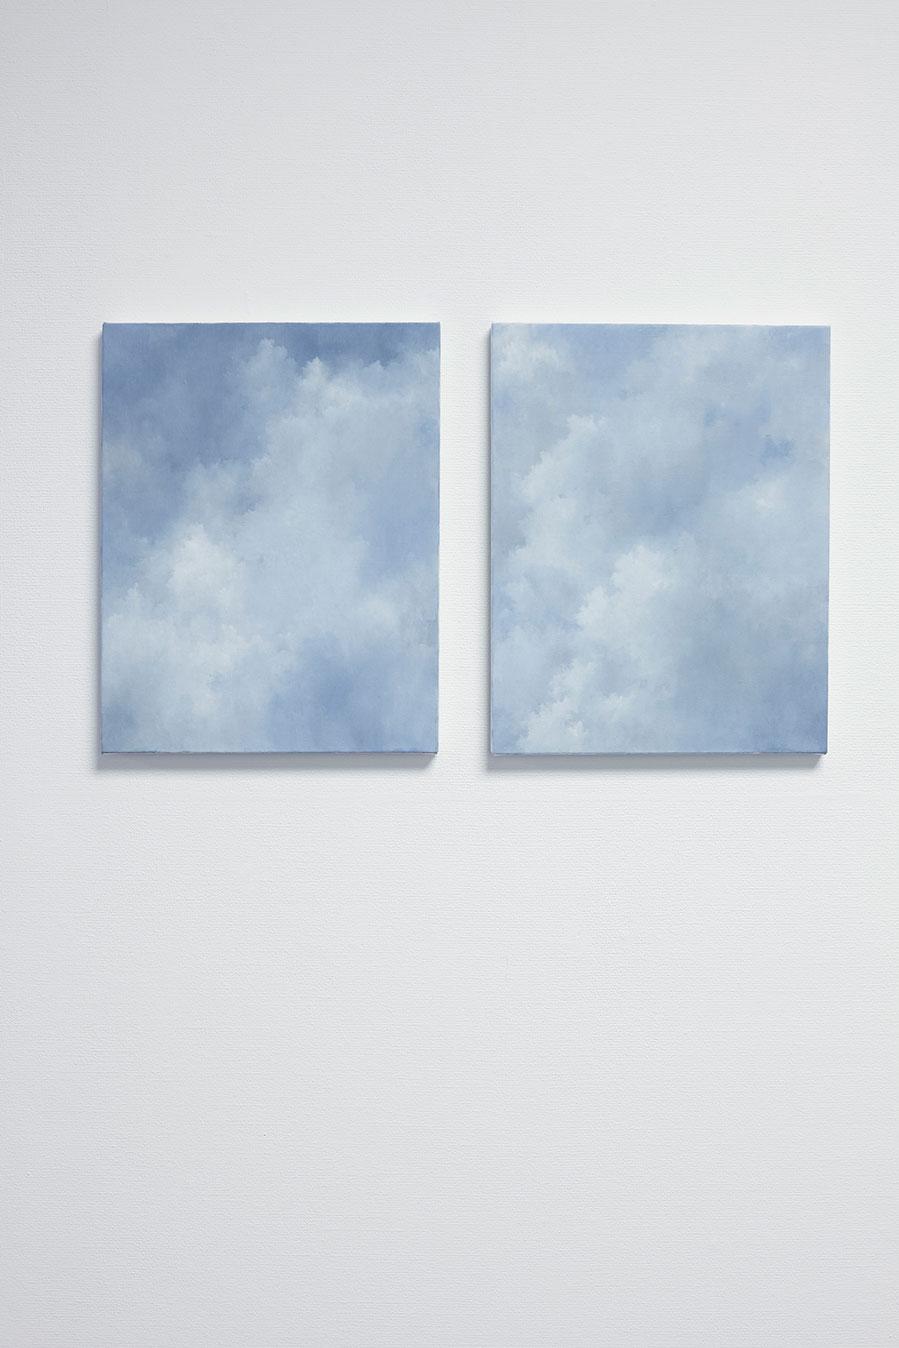 """Jakob Solgren, """"Bryt en gren klyv en sten"""", 2017. Oil on canvas, 46 x 36 cm x 2"""